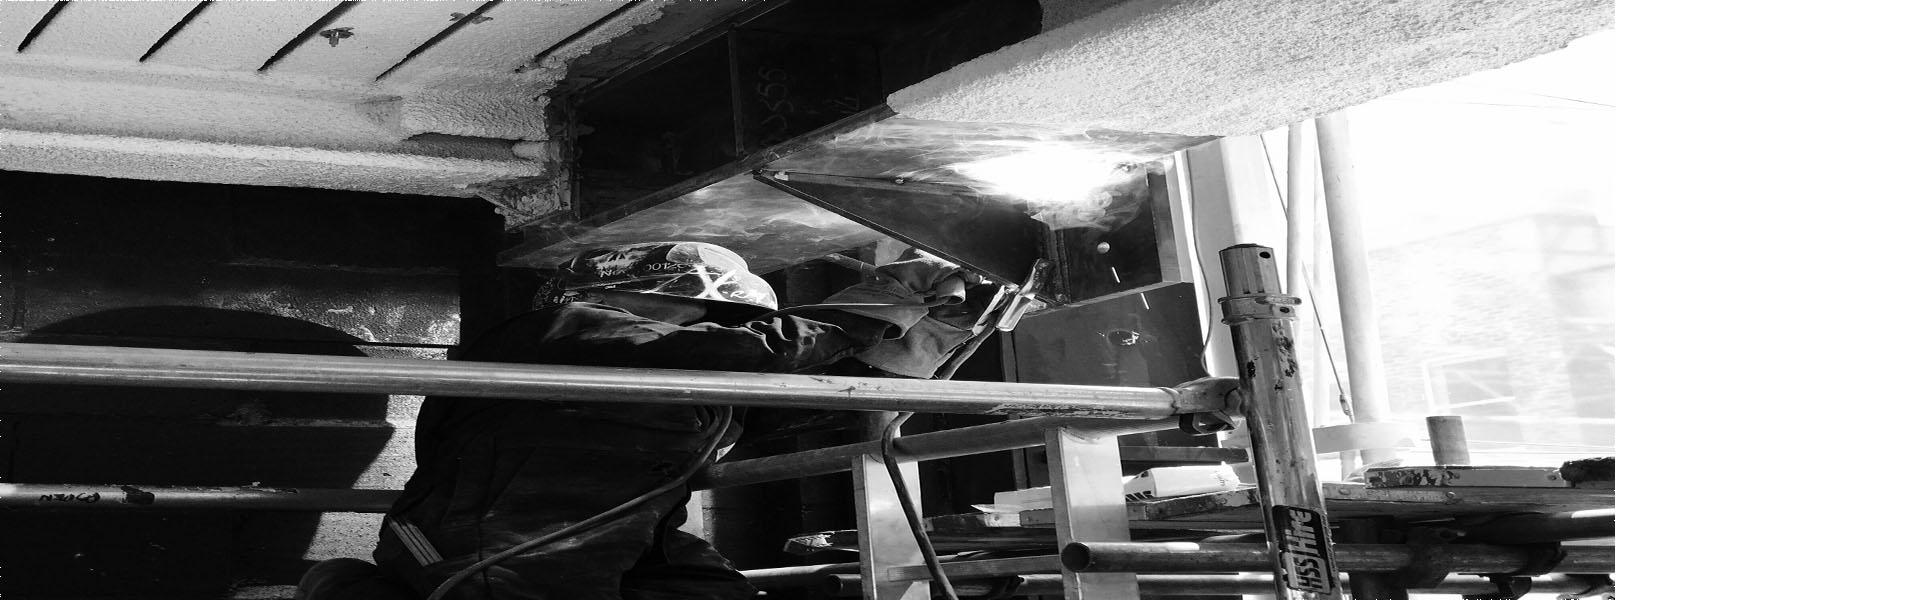 Site welding 1